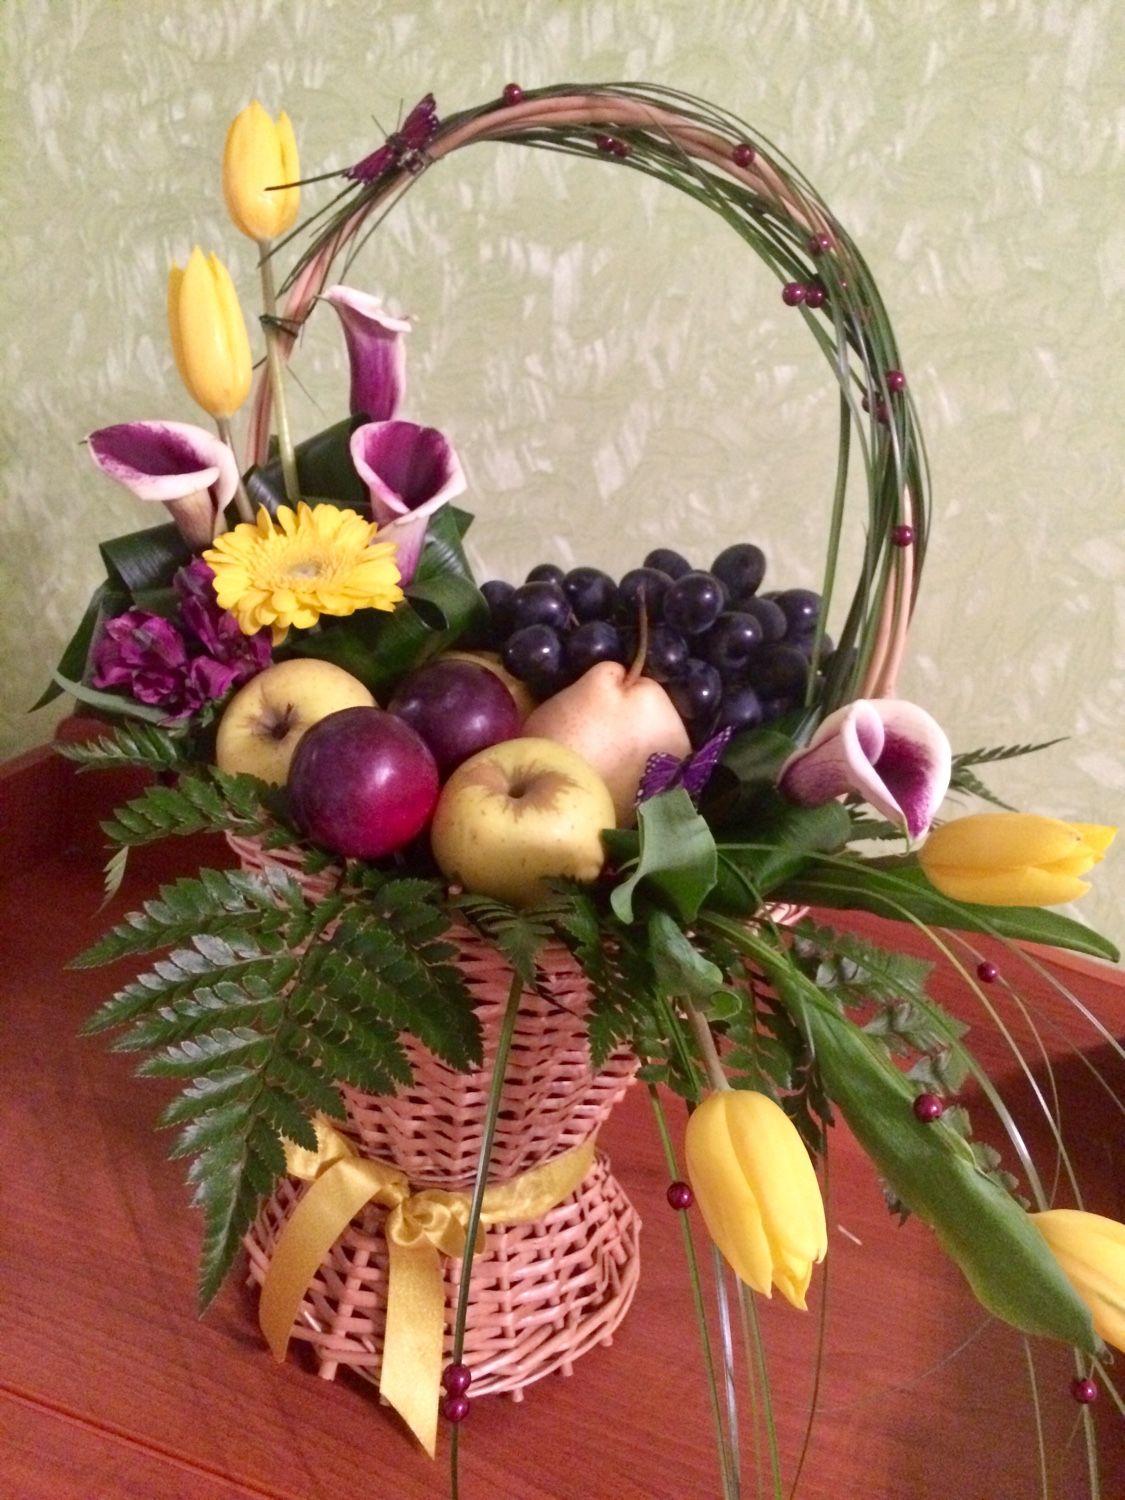 Подарочная композиция из фруктов и цветов, Букеты, Москва, Фото №1